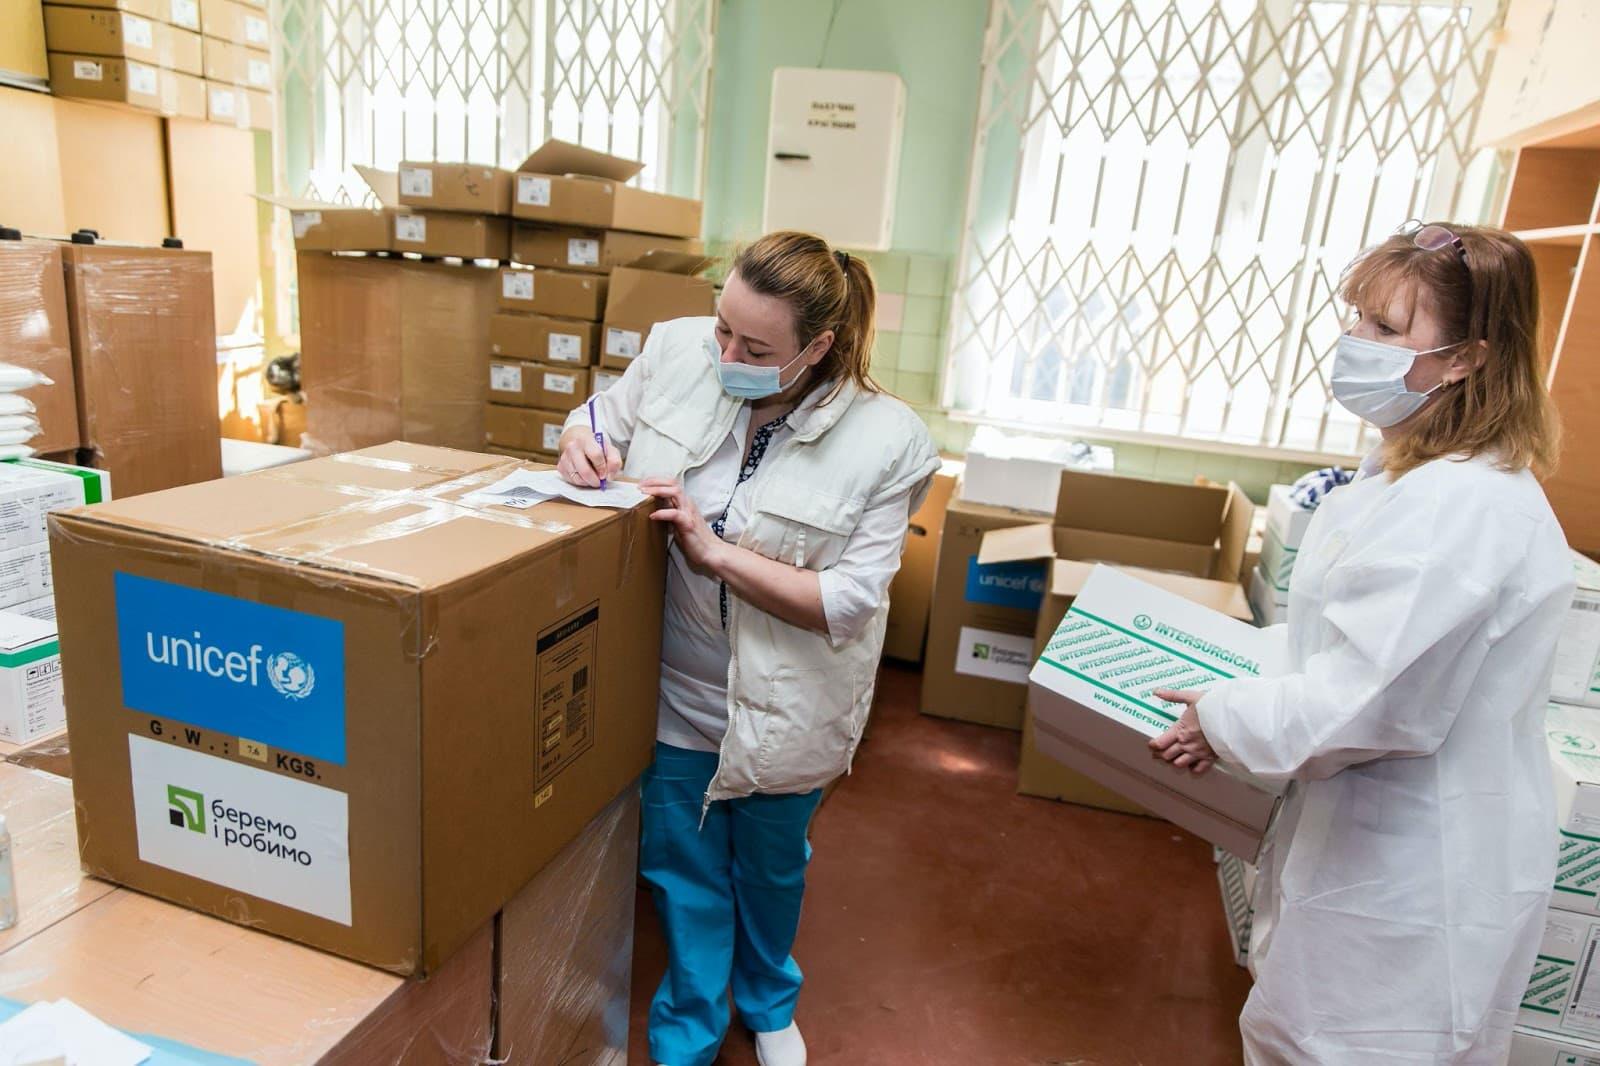 БФ ПриватБанка и ЮНИСЕФ продолжают доставлять кислородные концентраторы украинским больницам